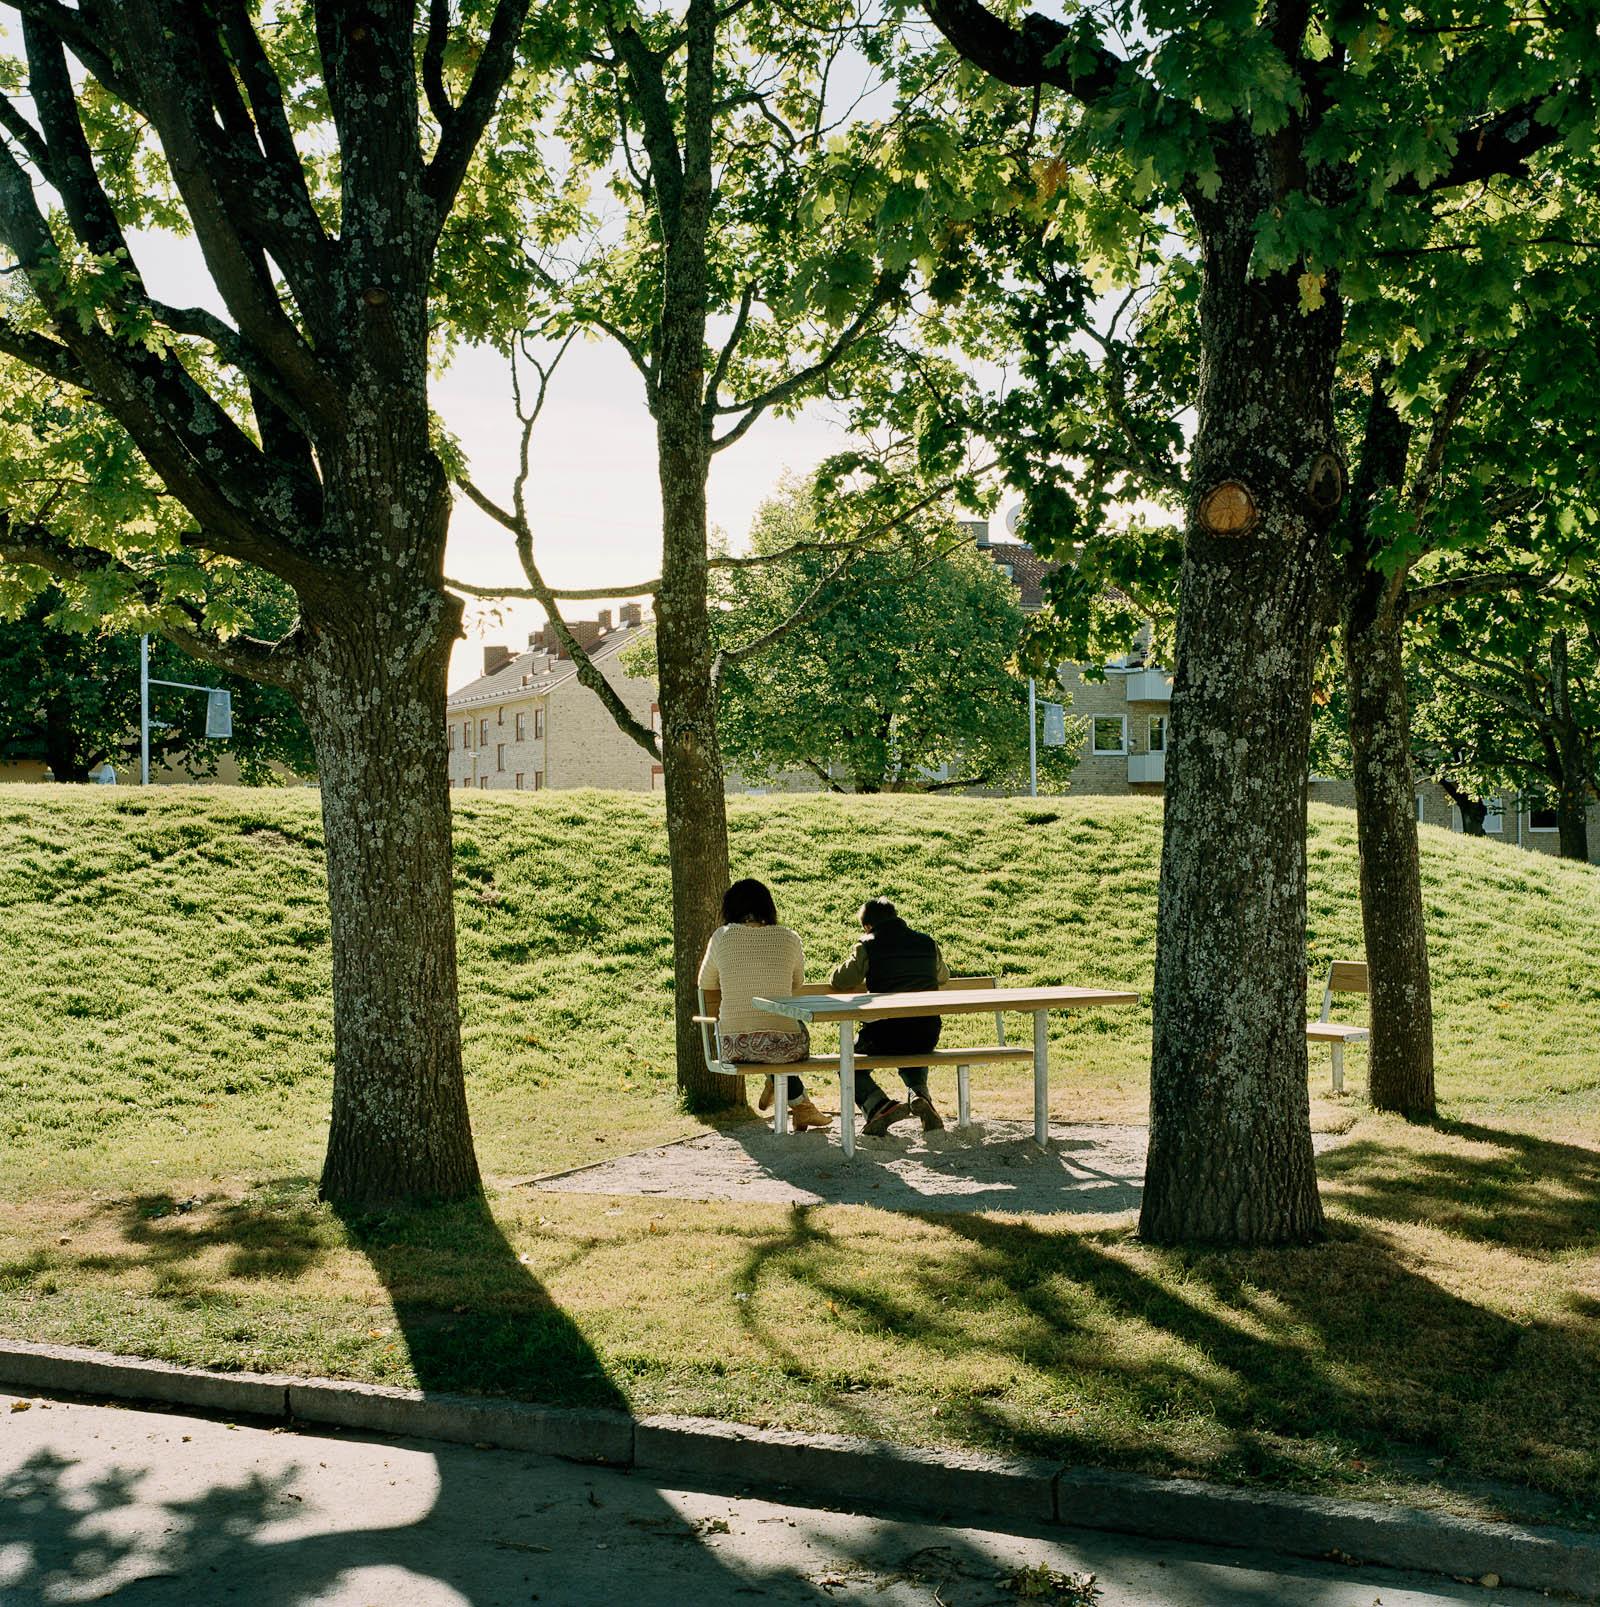 Sittgrupp bland träden vid en kulle. Love and devotion, helhetsgestaltning av Olaus Petri-skolan